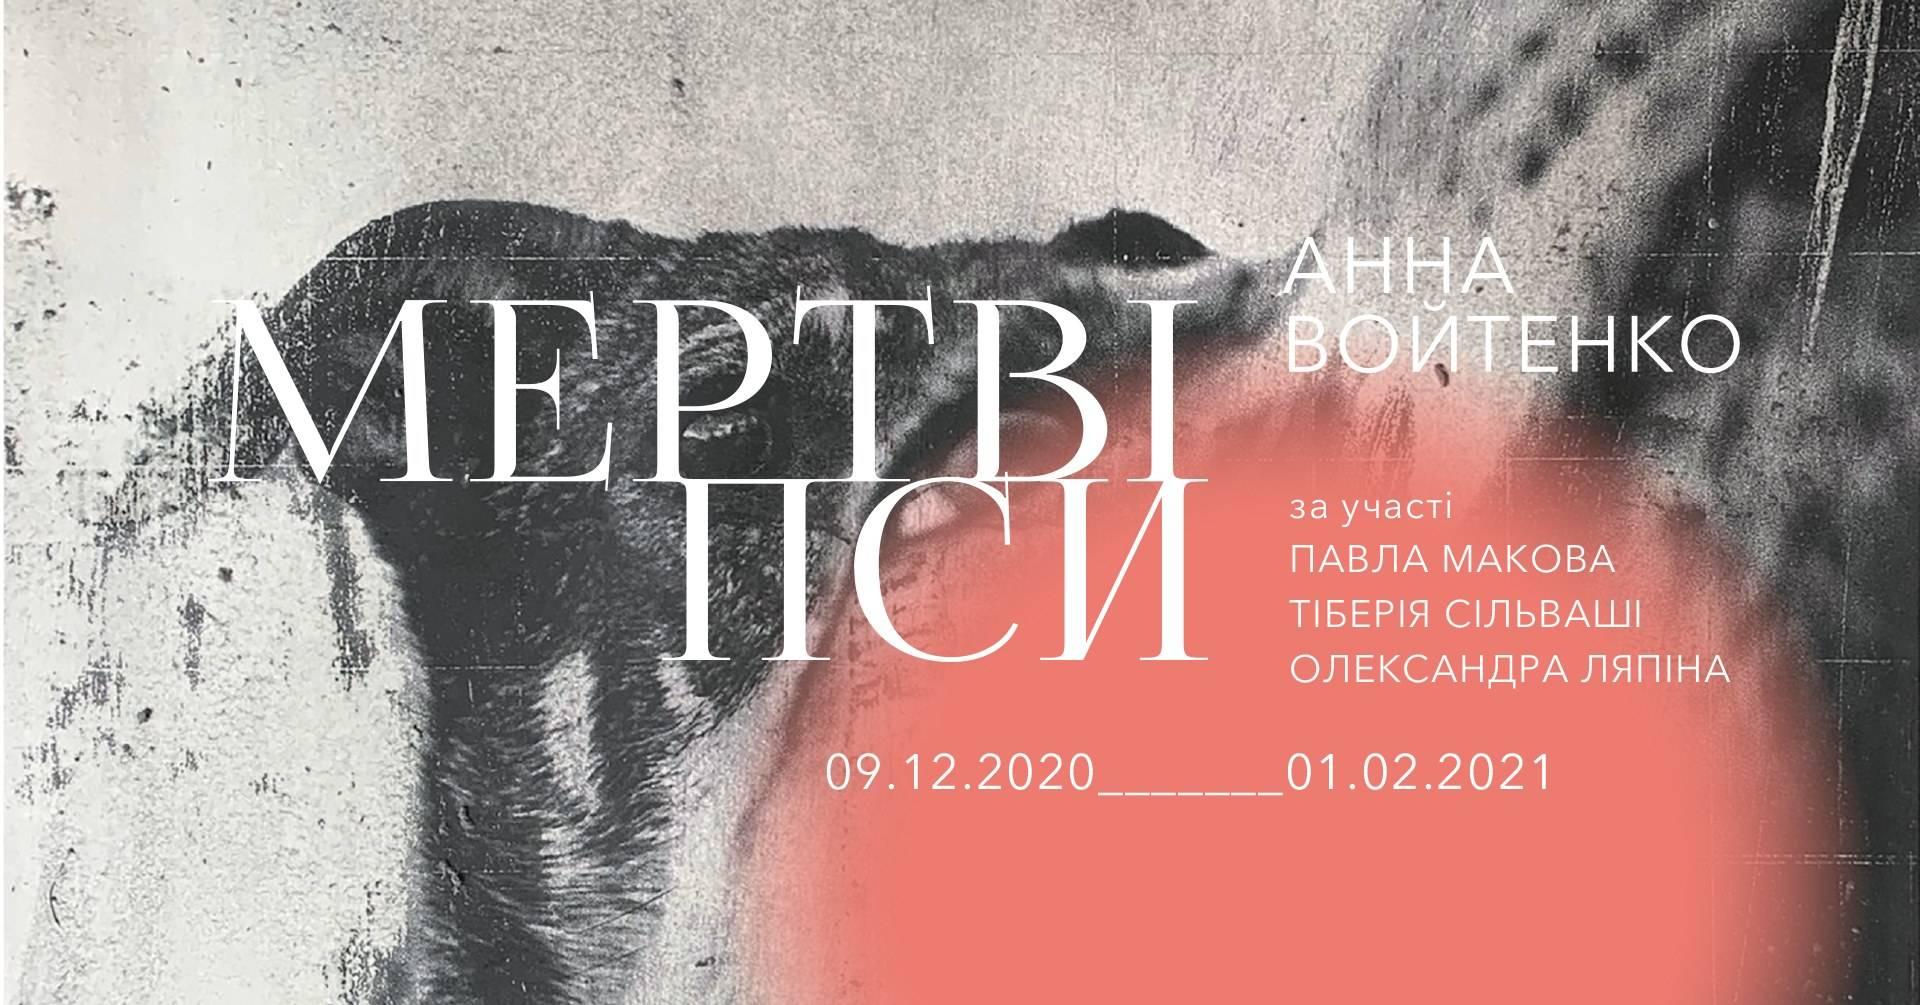 Анна Войтенко в Ya Gallery